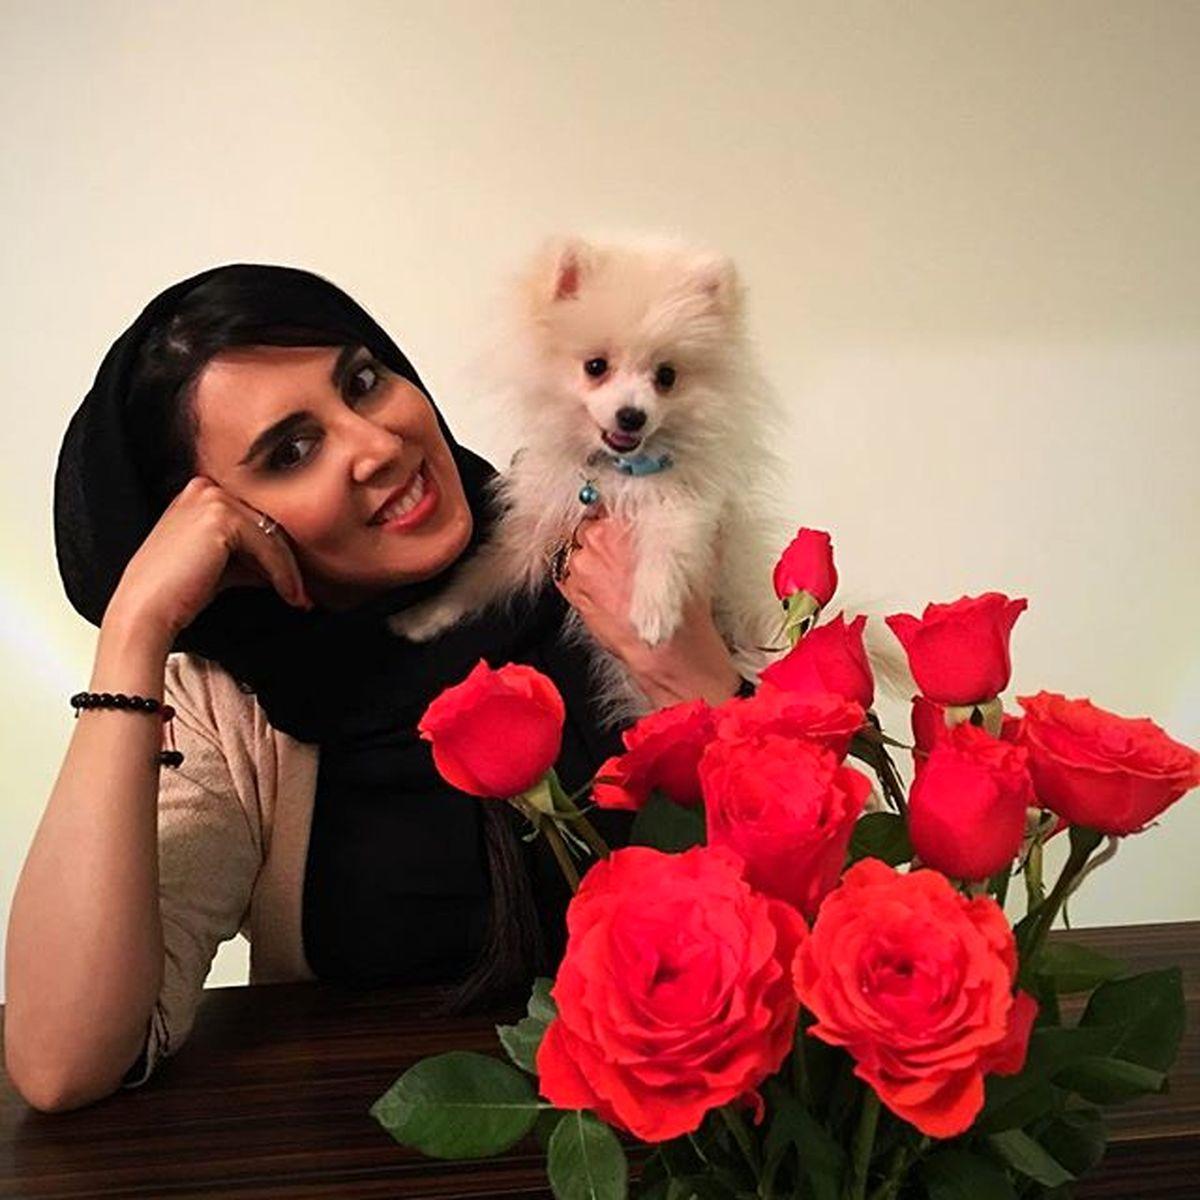 عشوه های لیلا بلوکات با سگ بامزه اش +عکس